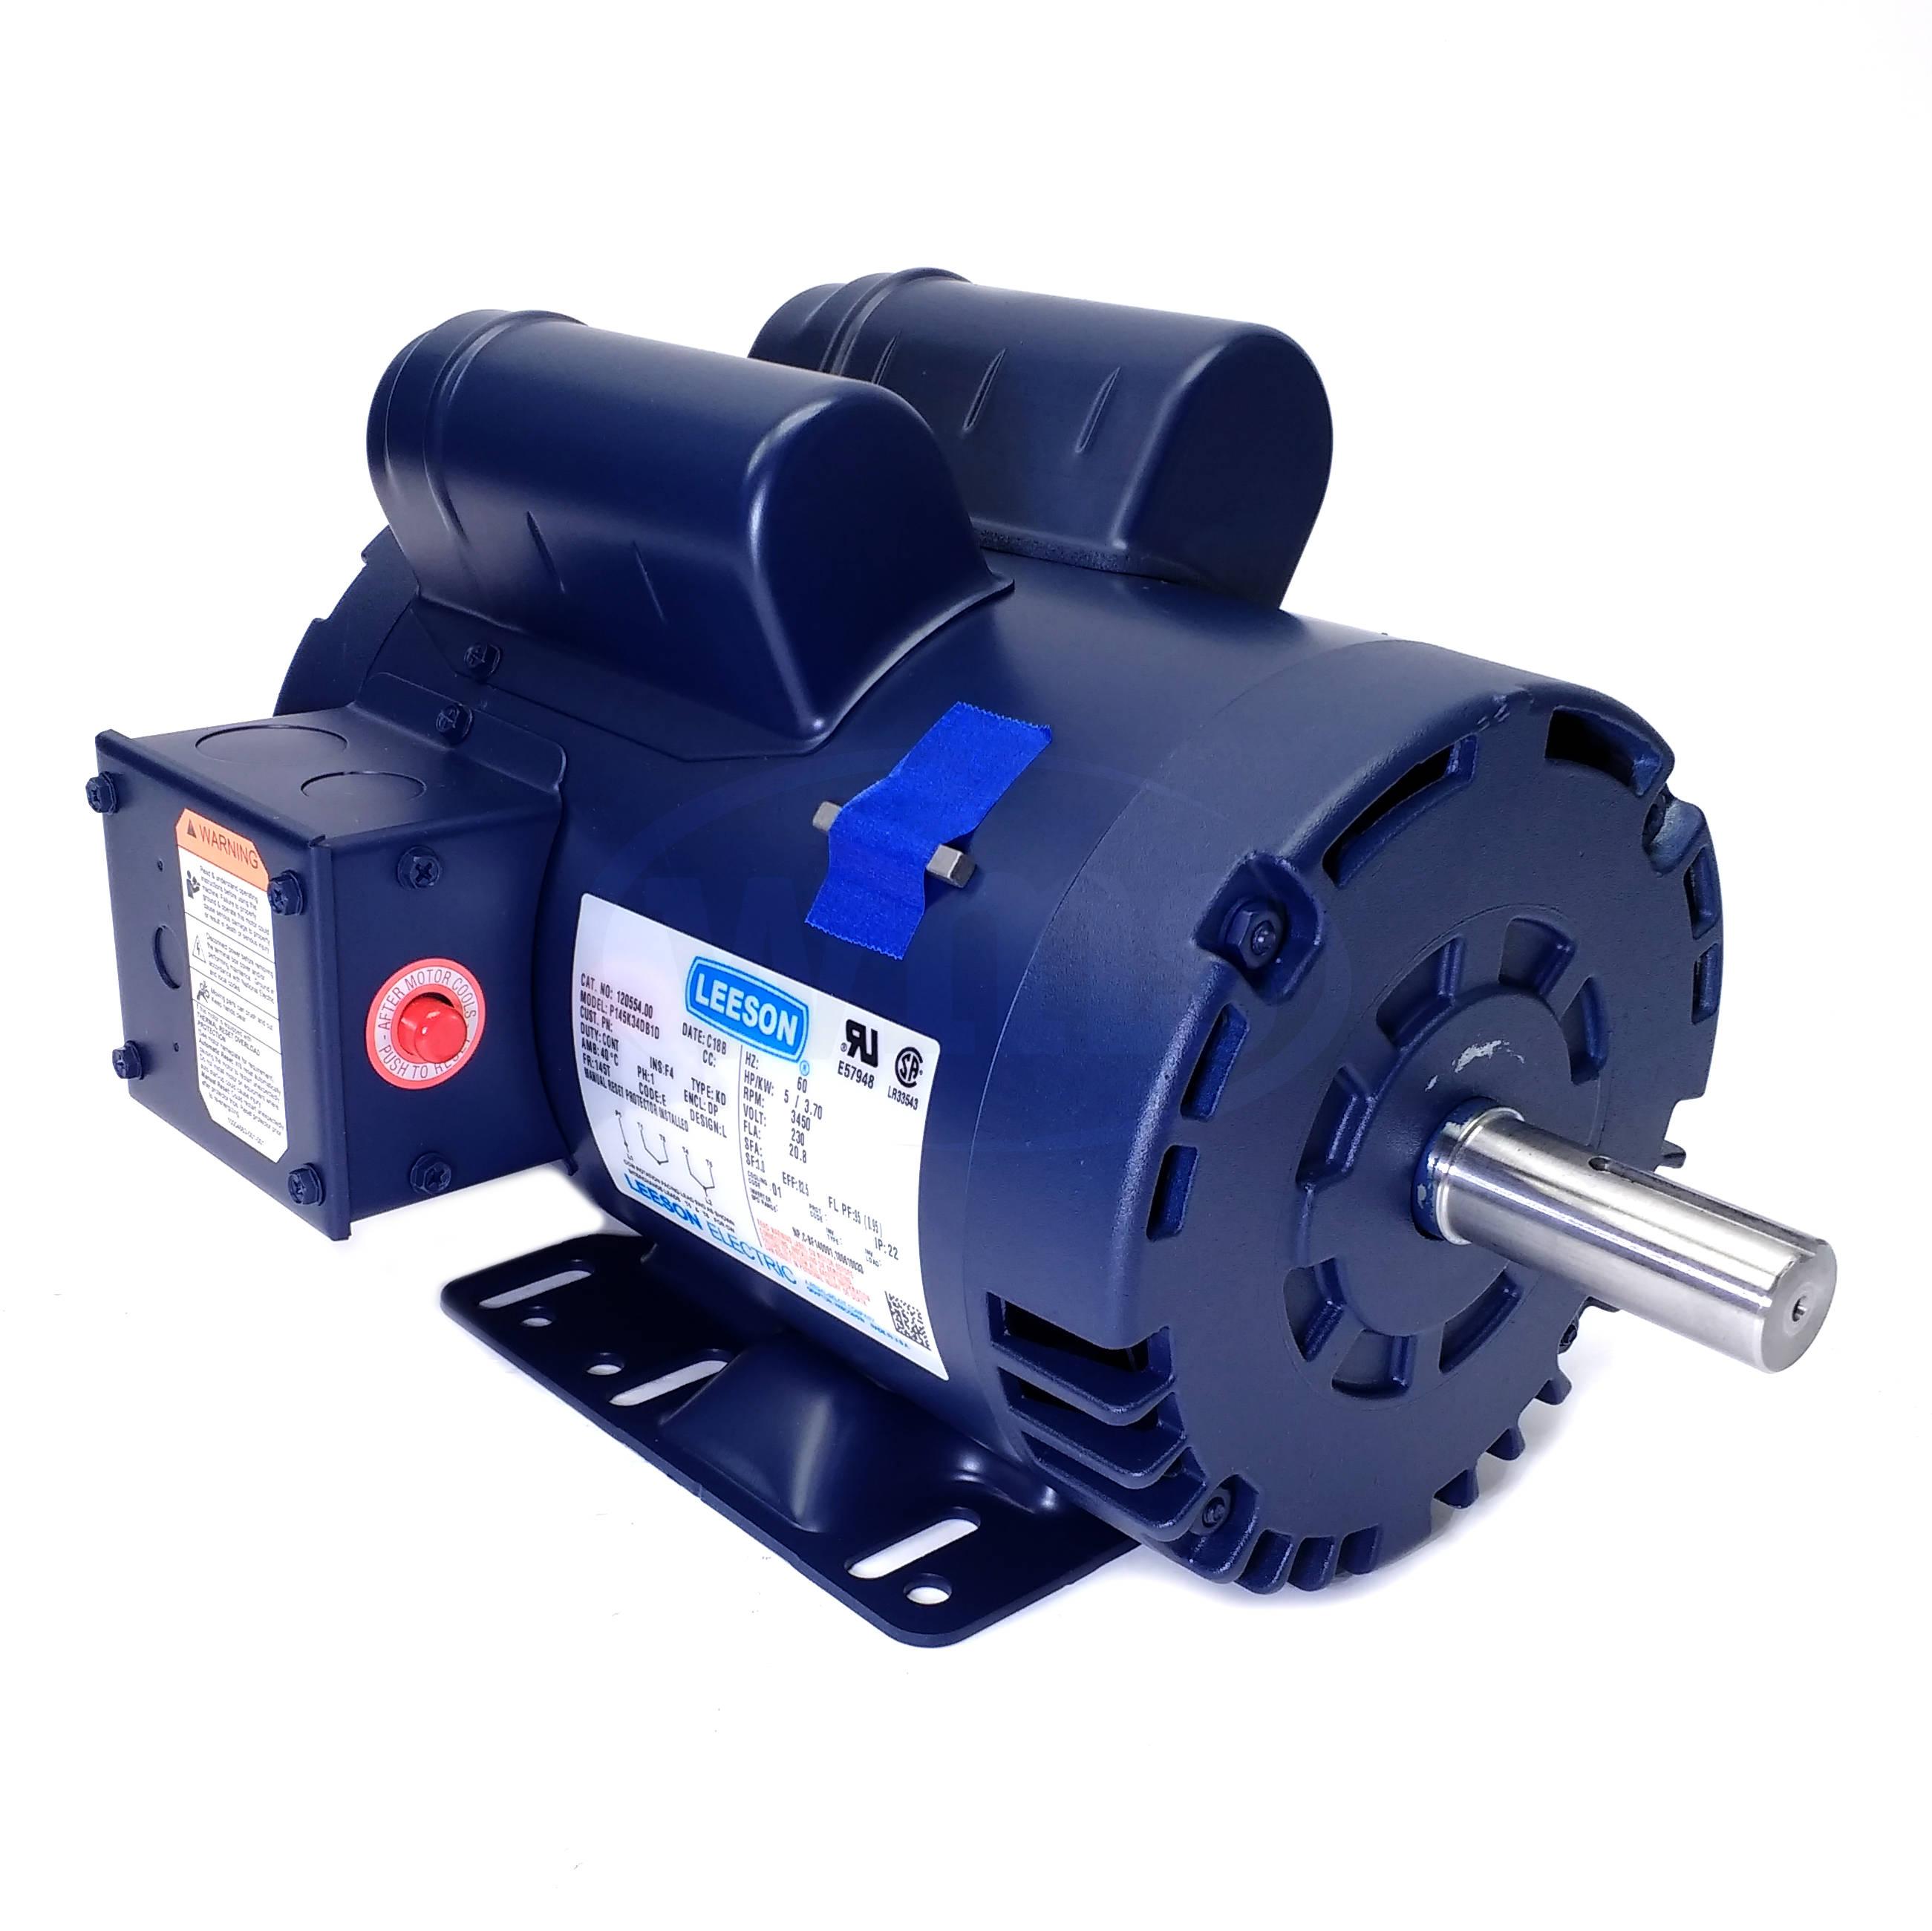 120554 00 leeson 5hp electric motor electric motors leeson motor wiring help [ 2602 x 2601 Pixel ]